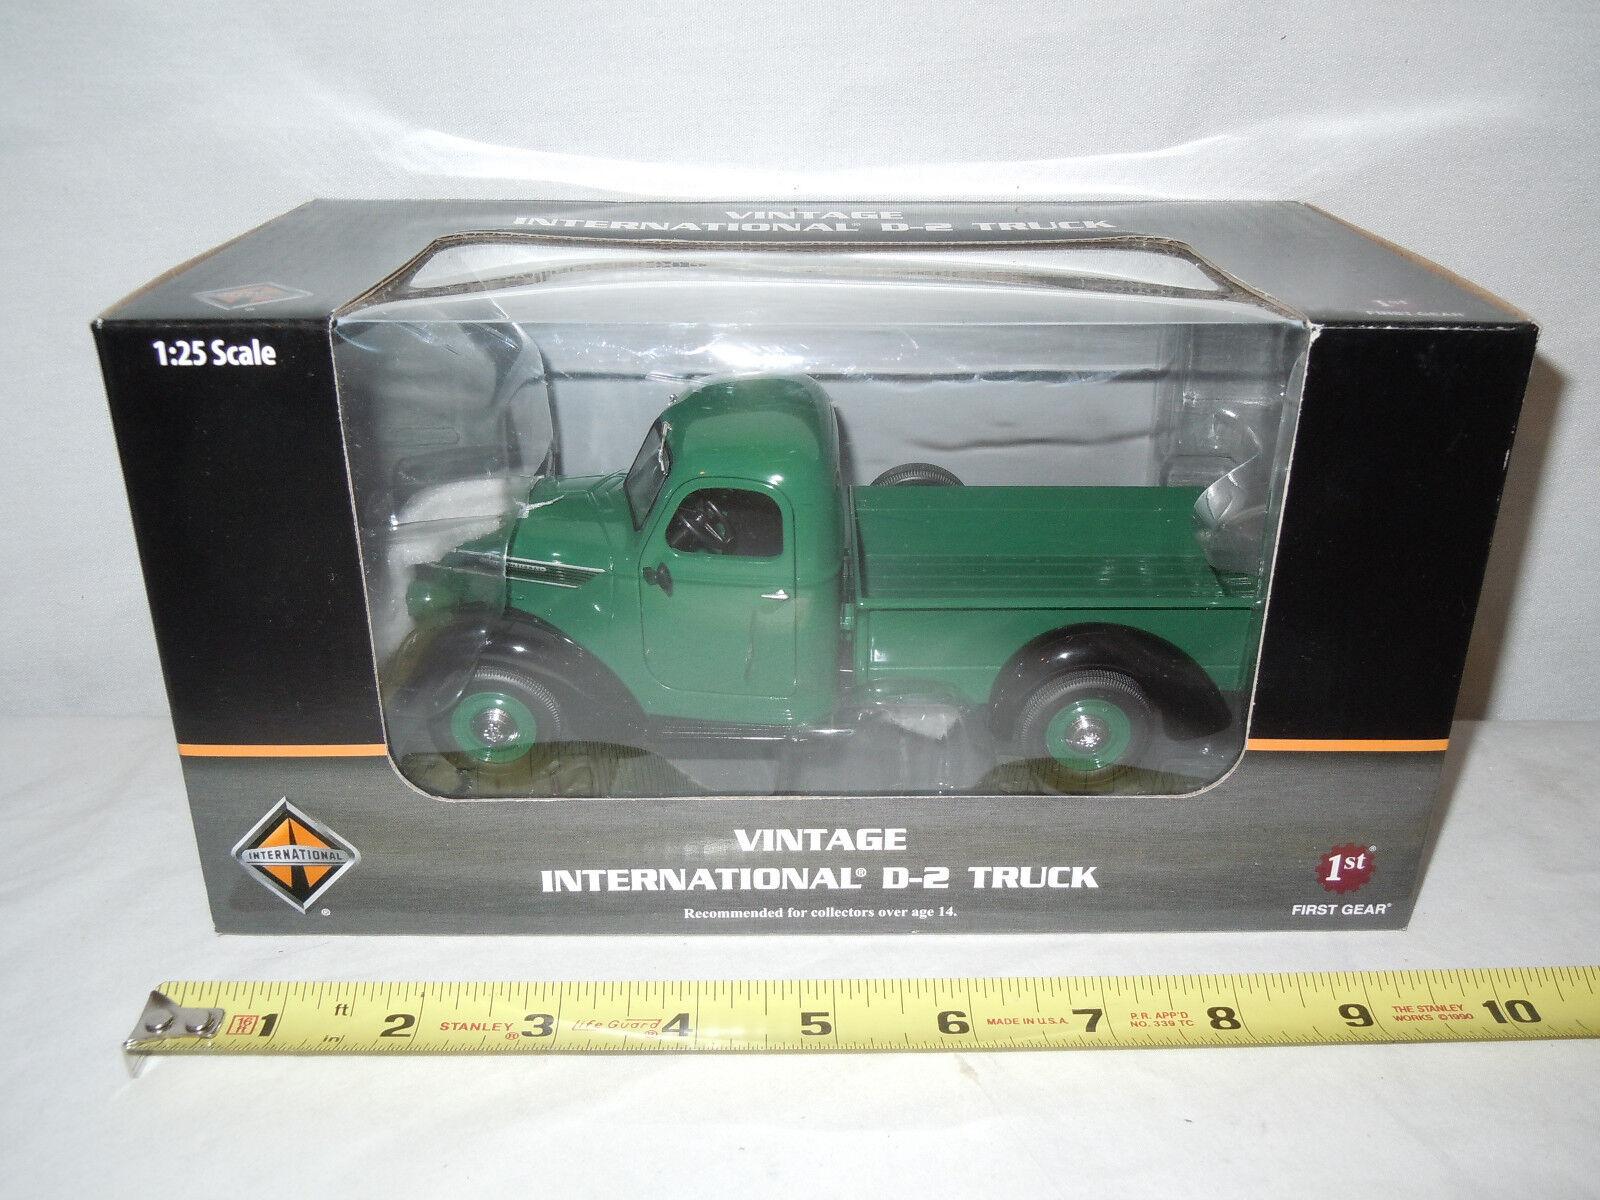 Vendimia verde oscuro internacional D-2 D-2 D-2 camión por First Gear 1 25th Escala f81e3d